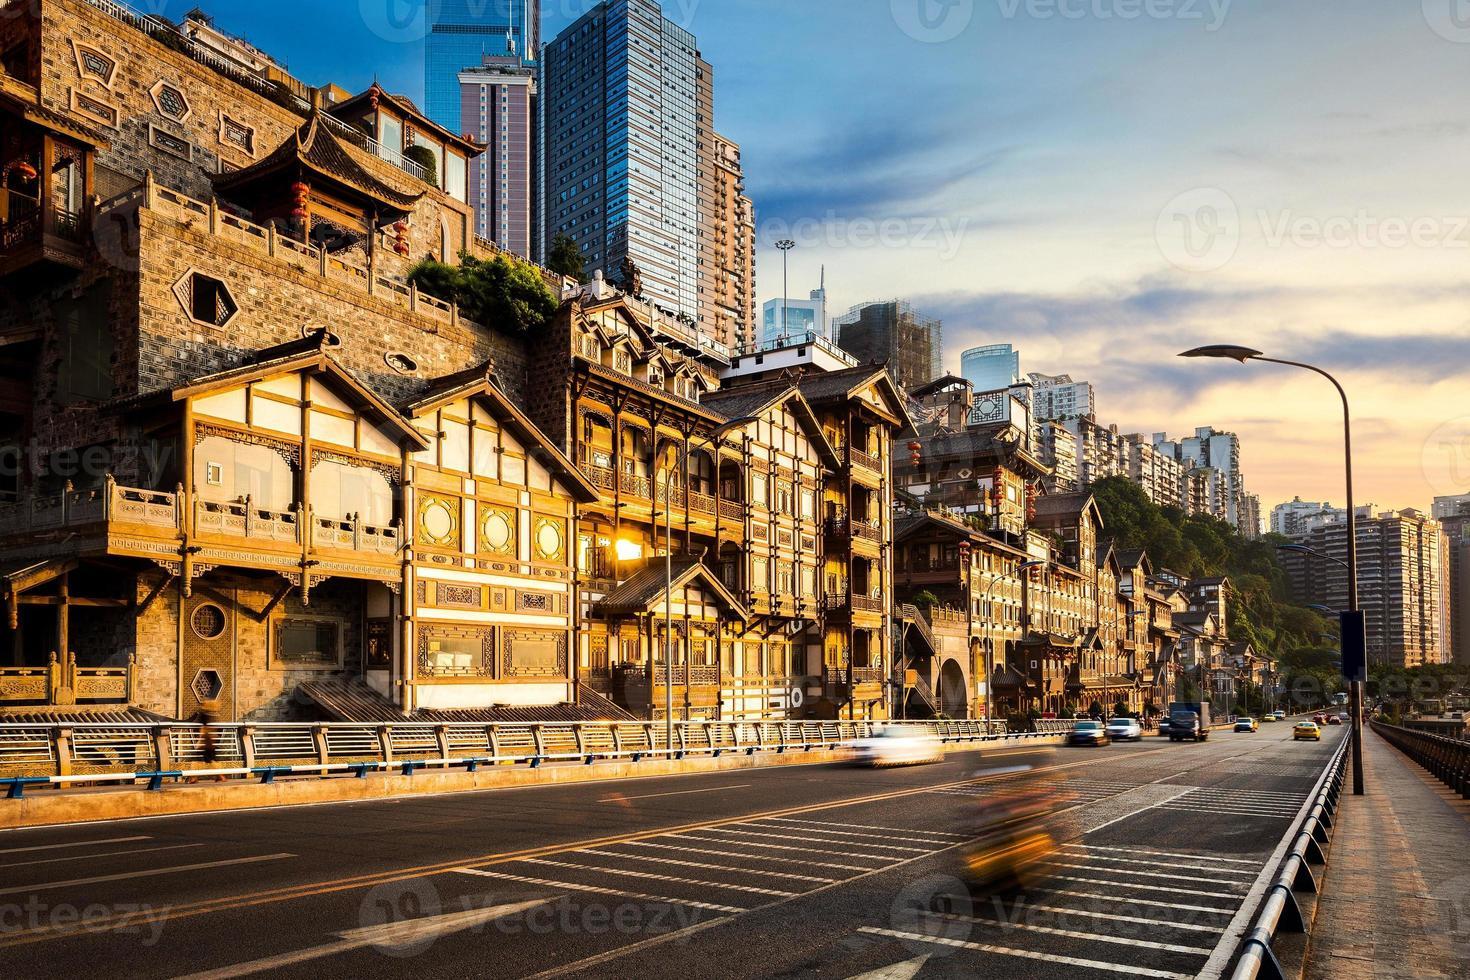 moderne wandelstraat in Chongqing foto